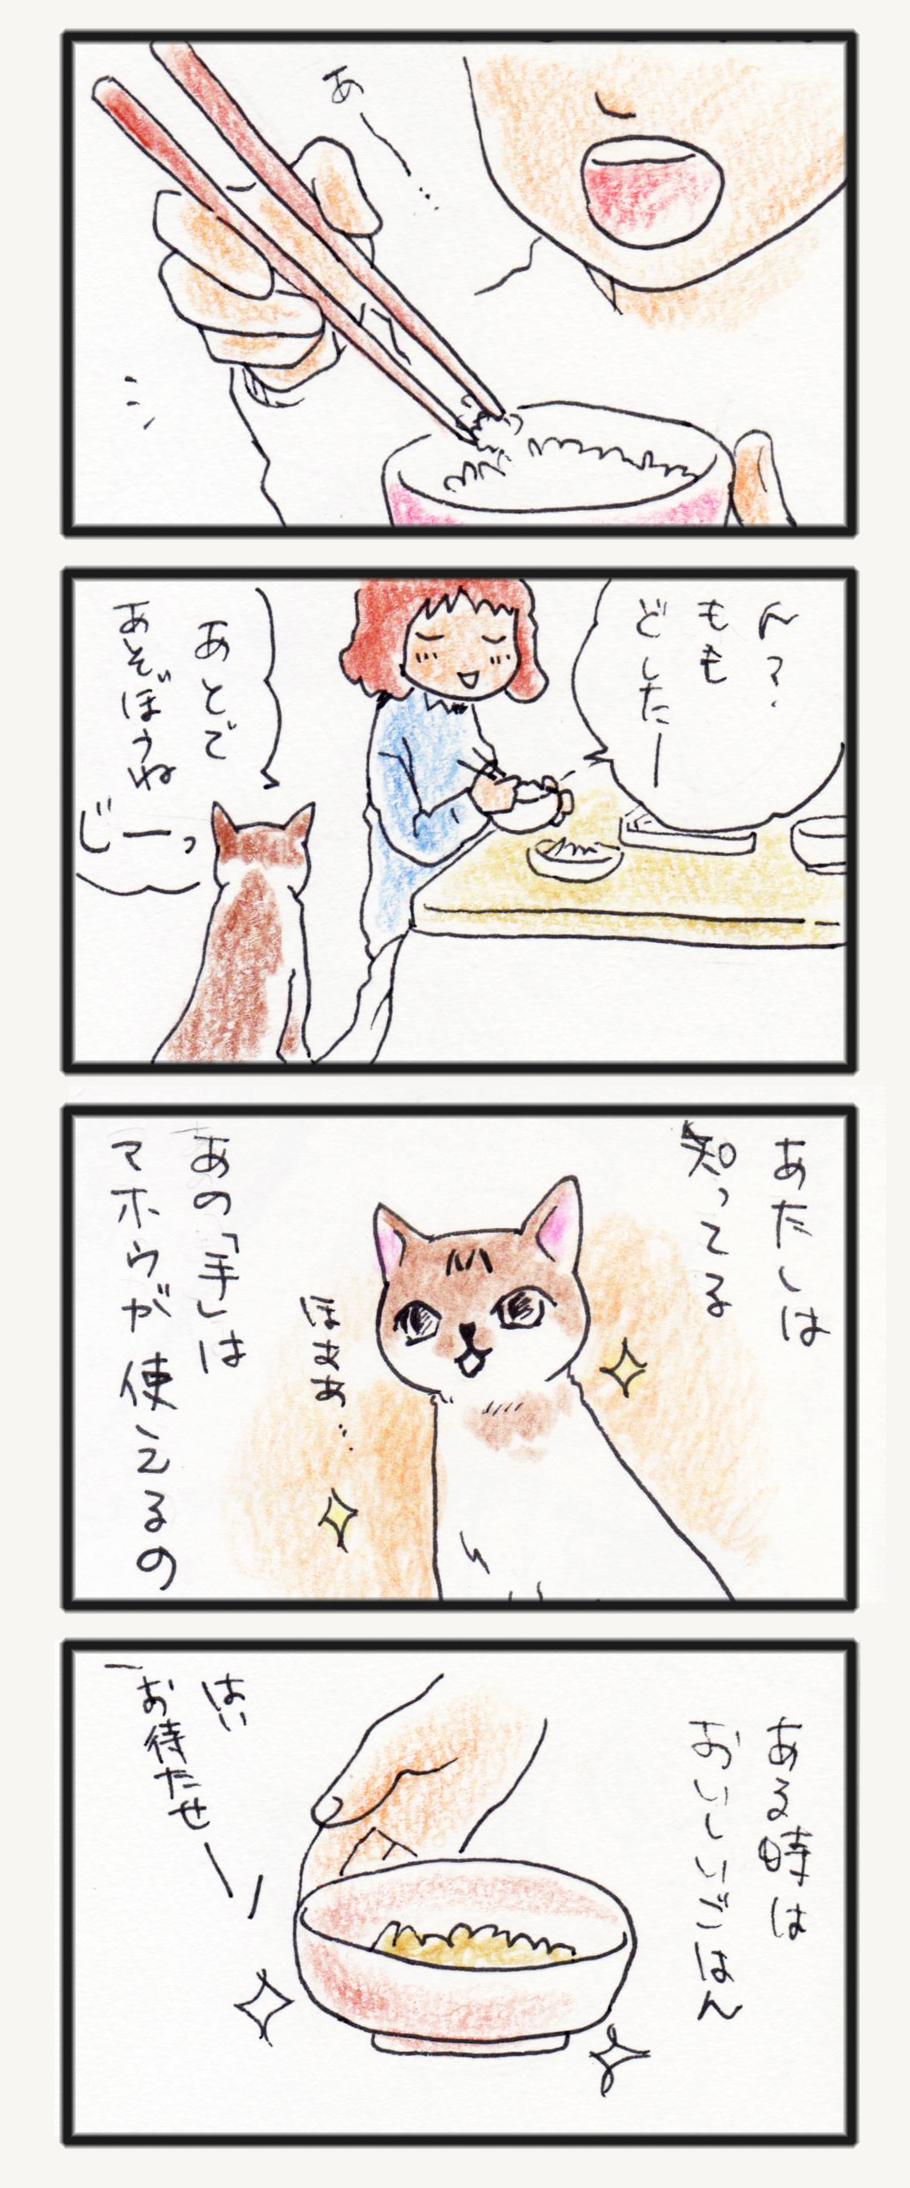 comic_4c_14050301.jpg